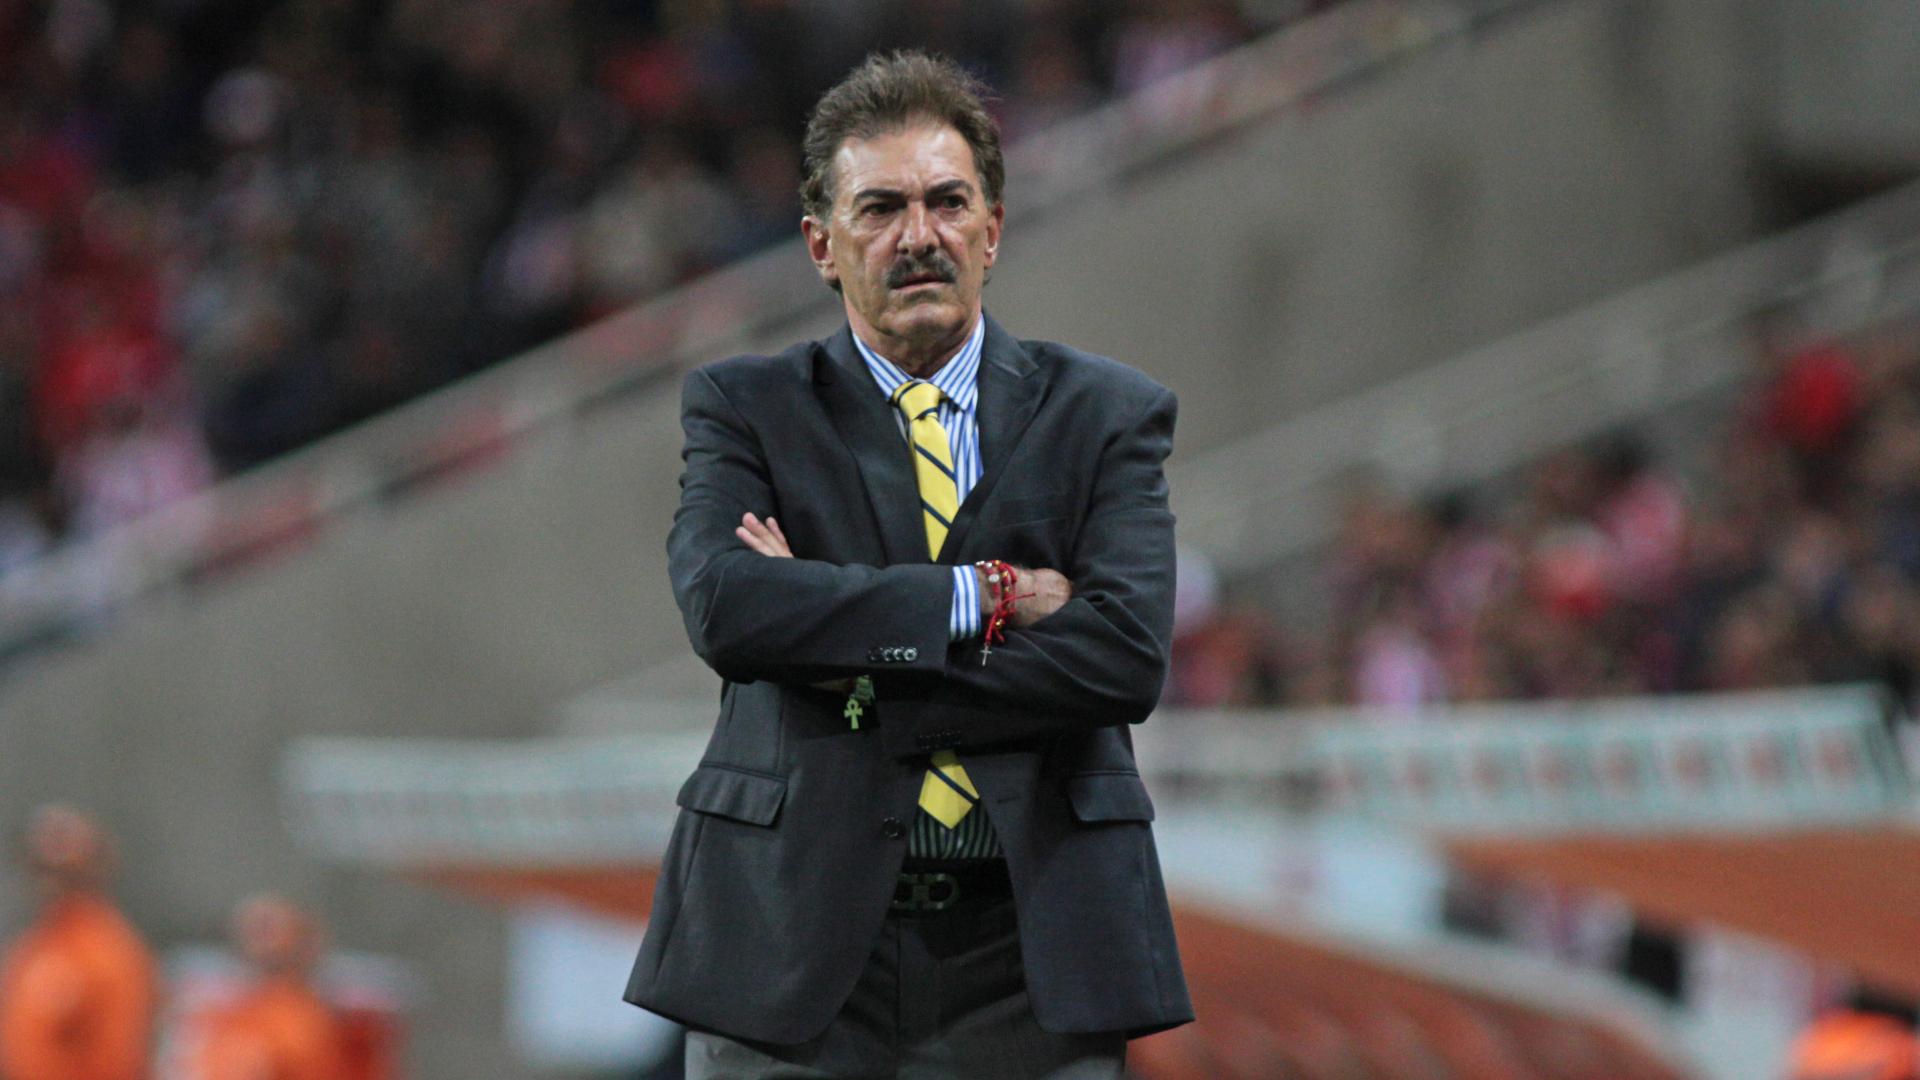 Ricardo La Volpe se califica como un gran entrenador y afirma que su peor error fue su relación con la prensa